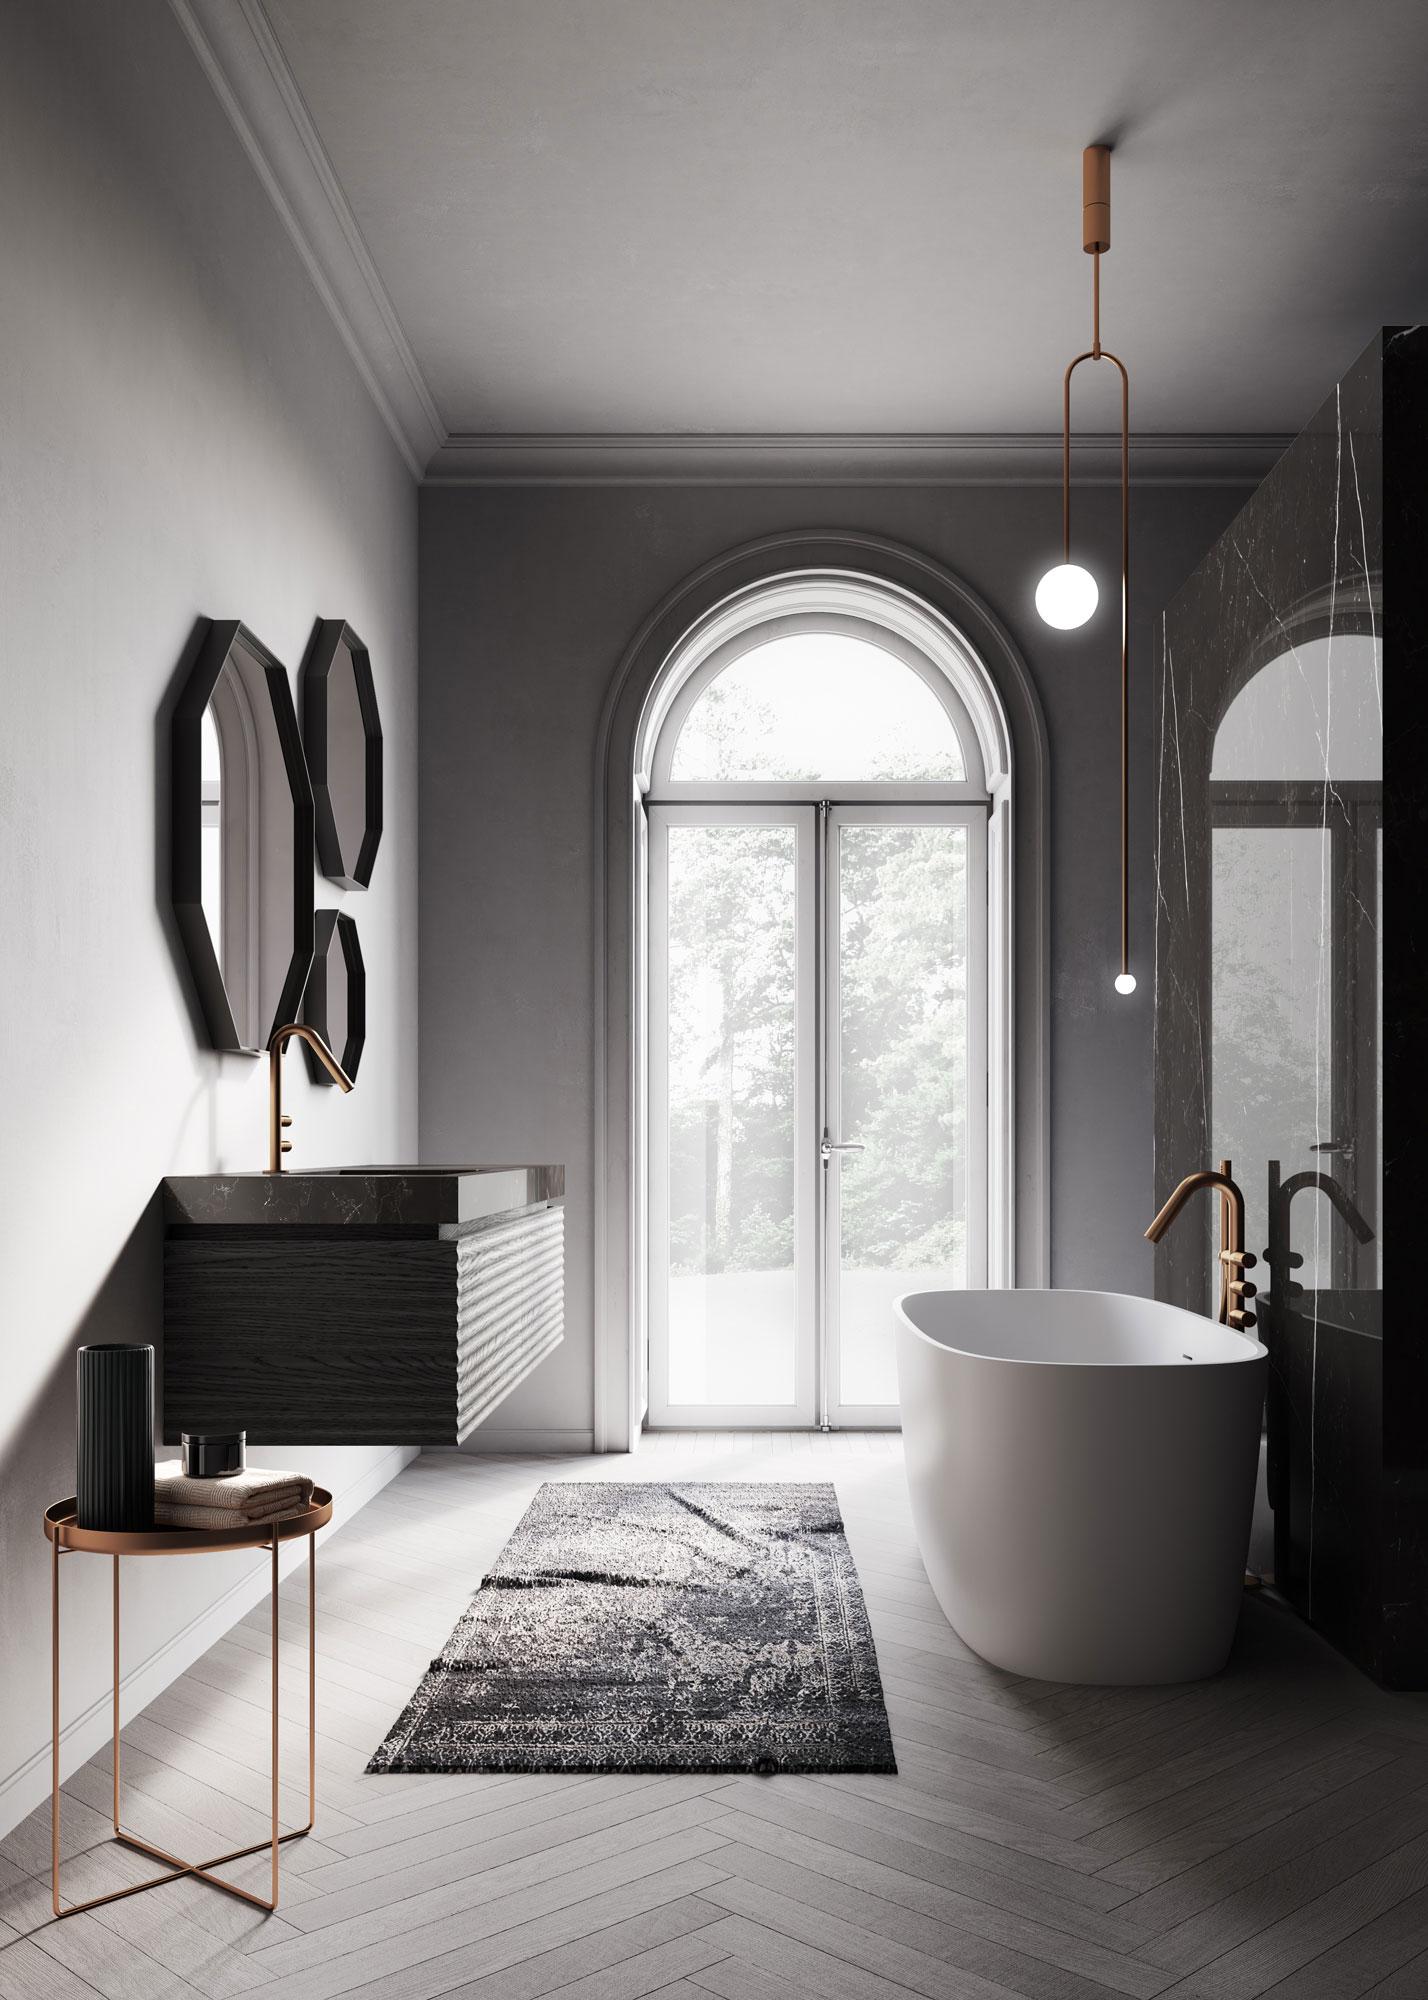 Lampada Sopra Specchio Bagno lampadario per il bagno: alcune ispirazioni di design